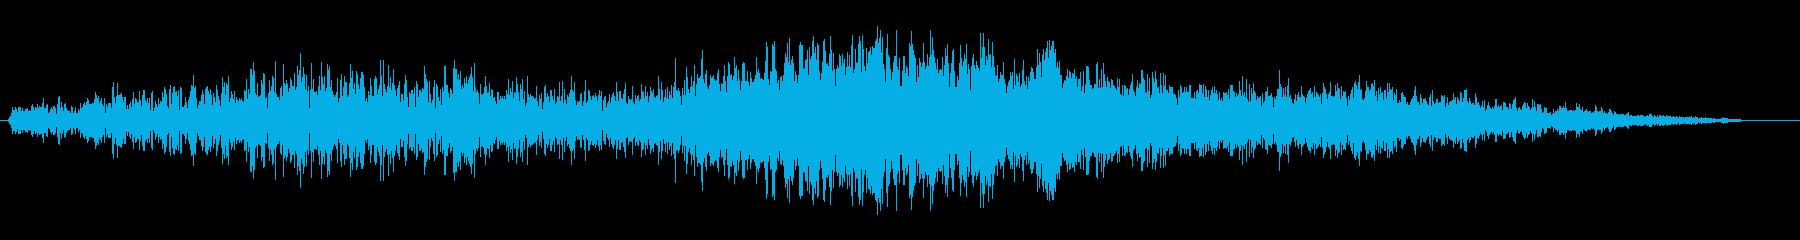 シュワワ(ジェット機)の再生済みの波形